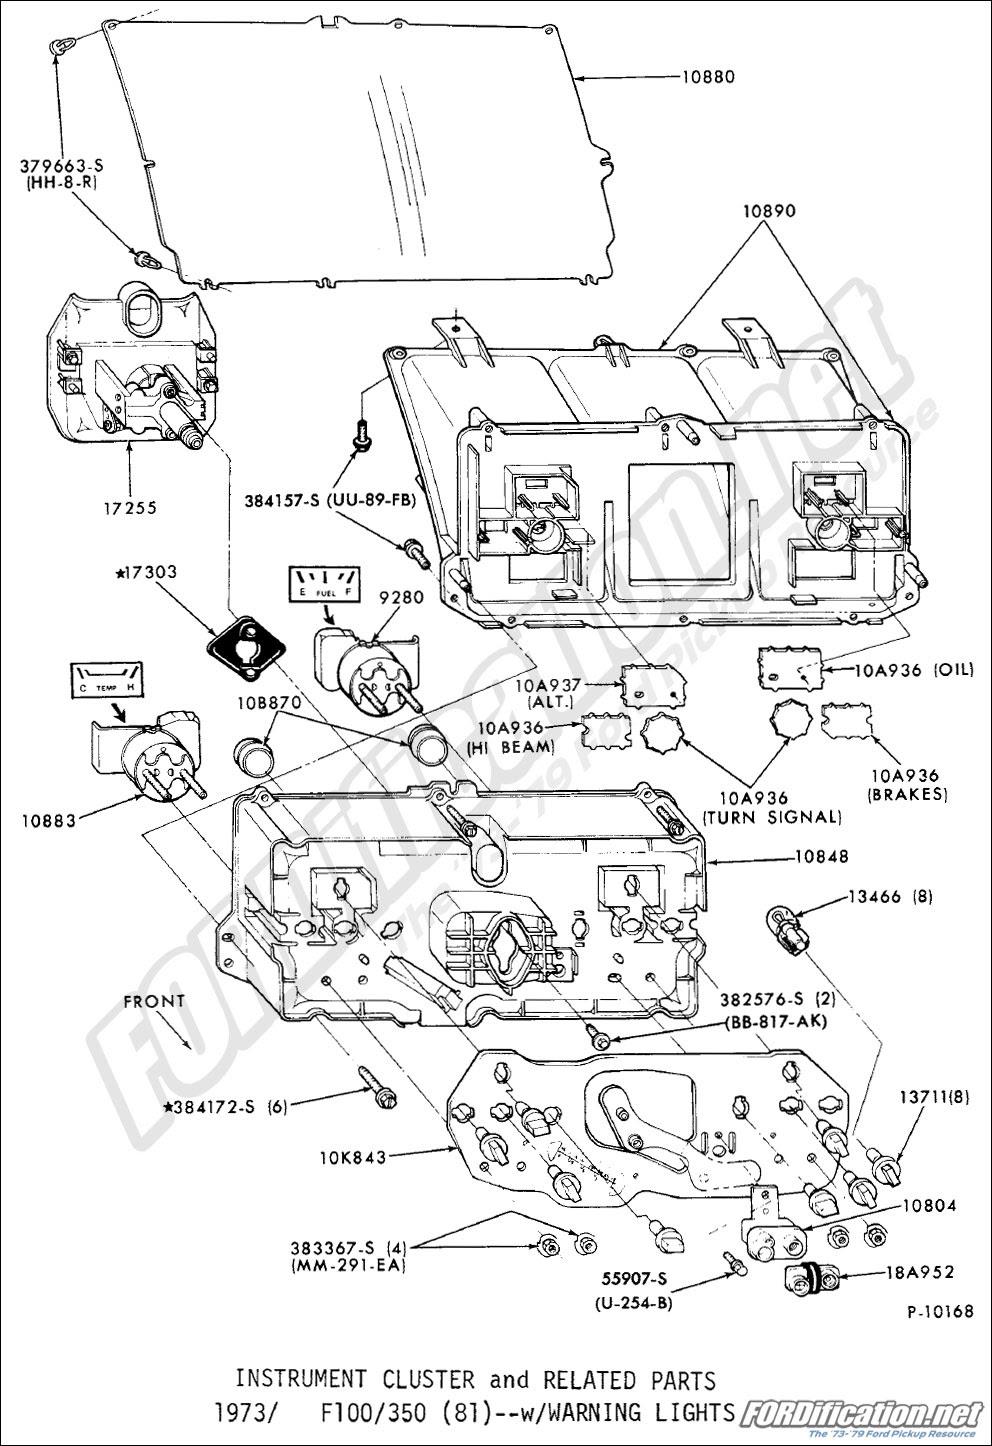 Diagram 1975 Ford F100 Dash Wiring Diagram Full Version Hd Quality Wiring Diagram Timeline Yannickserrano Fr